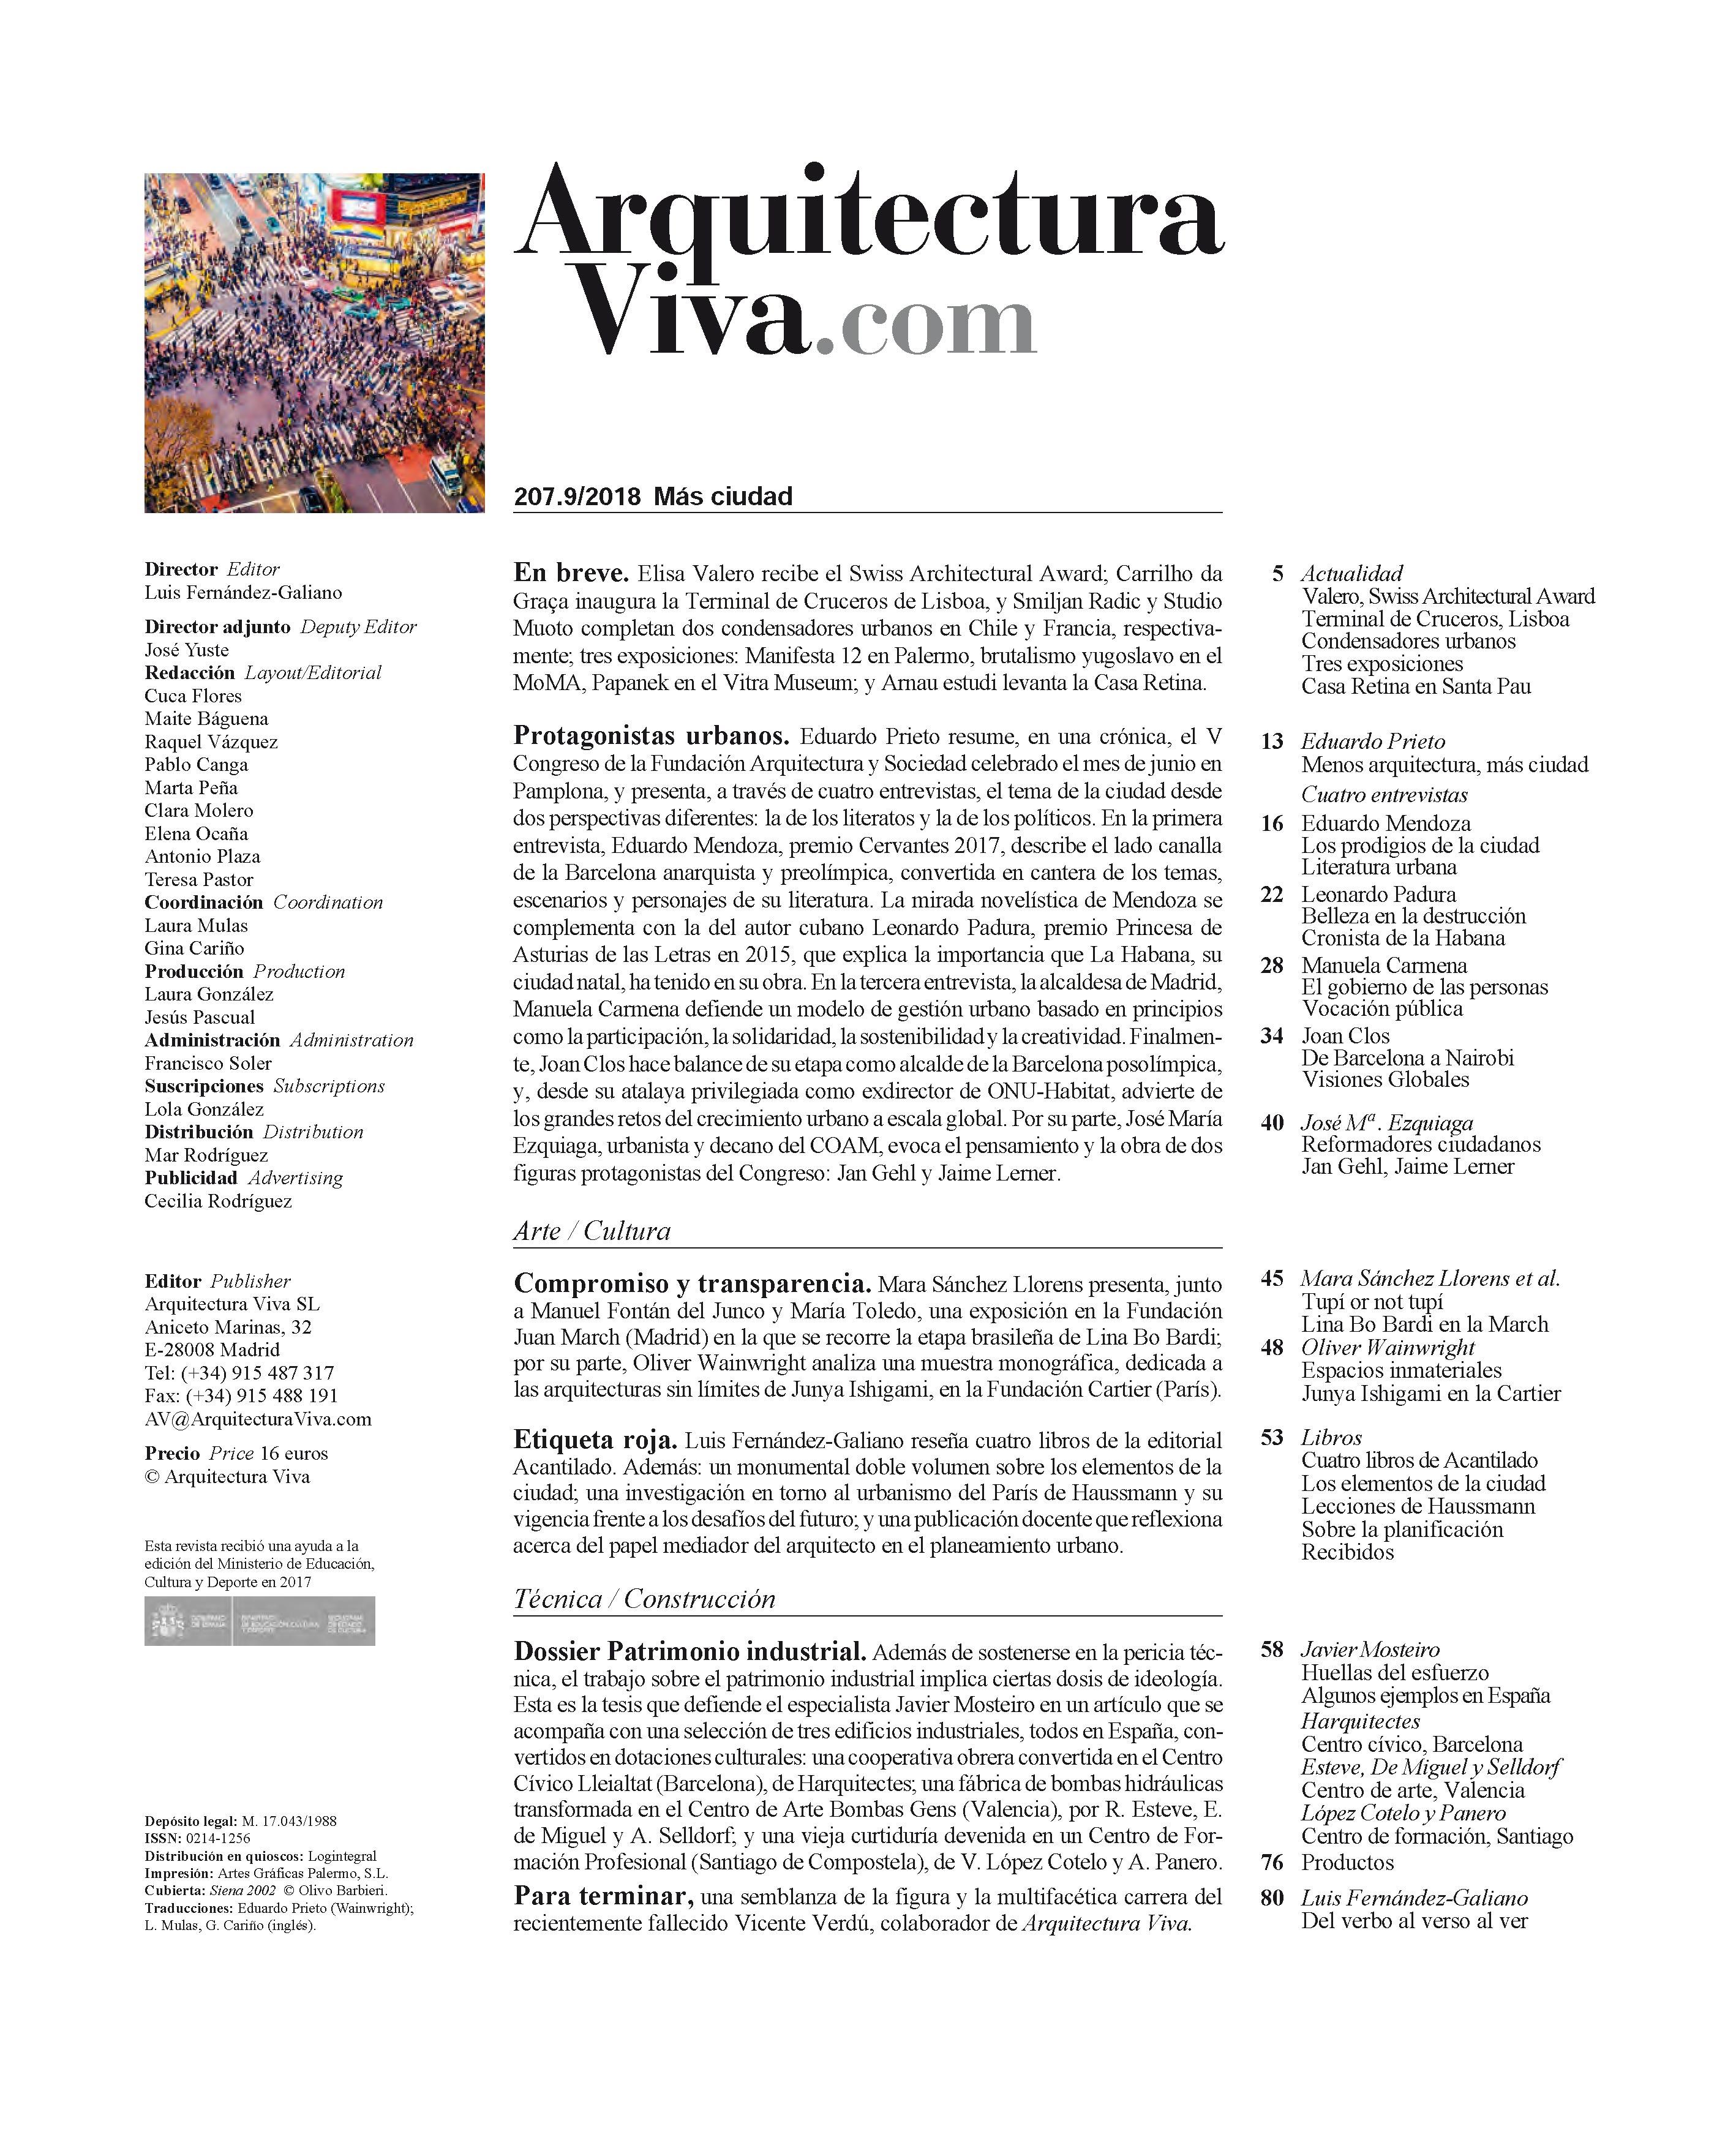 Arquitectura Viva 207